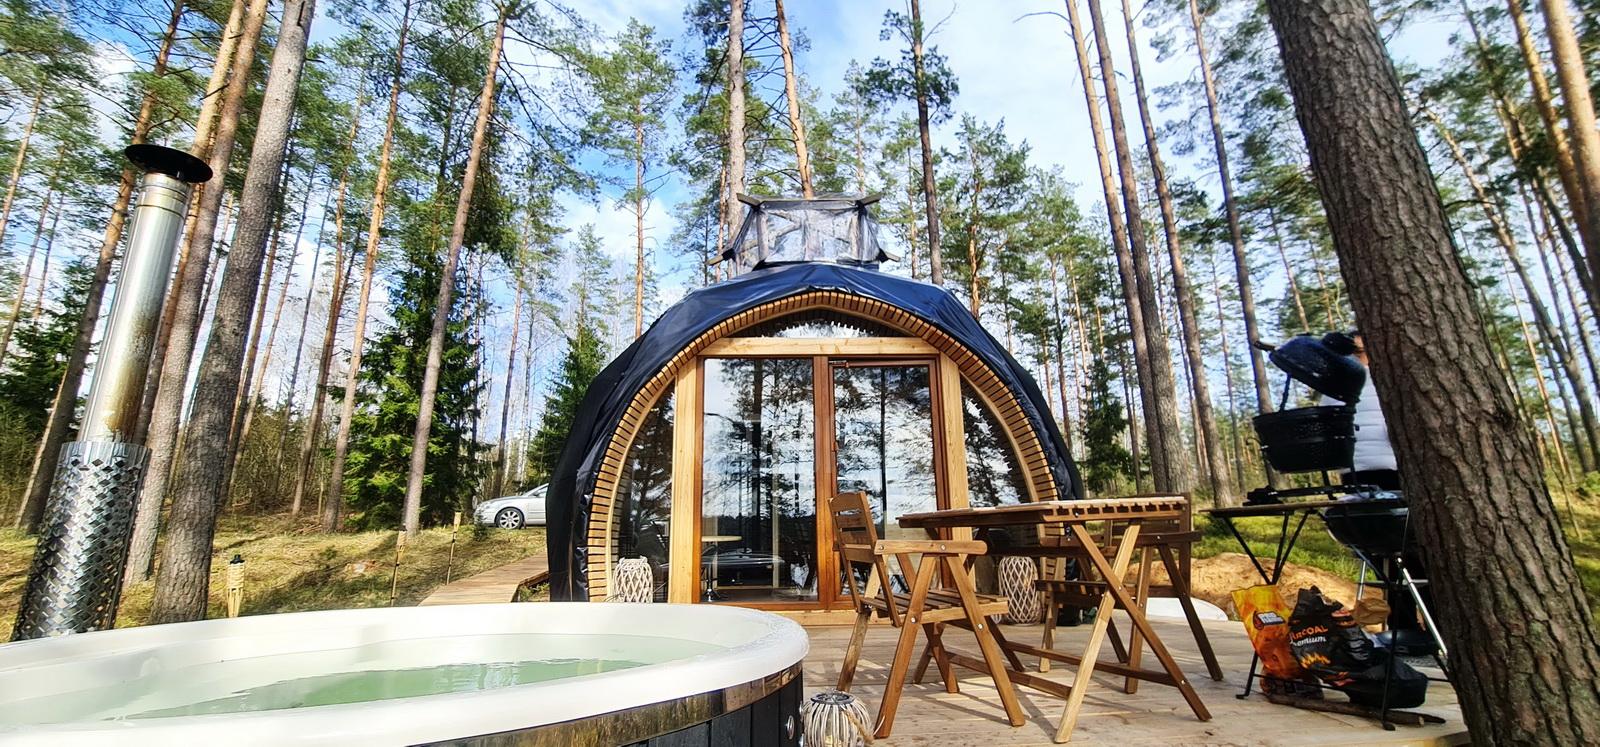 budriskes_resort_geodomas_54